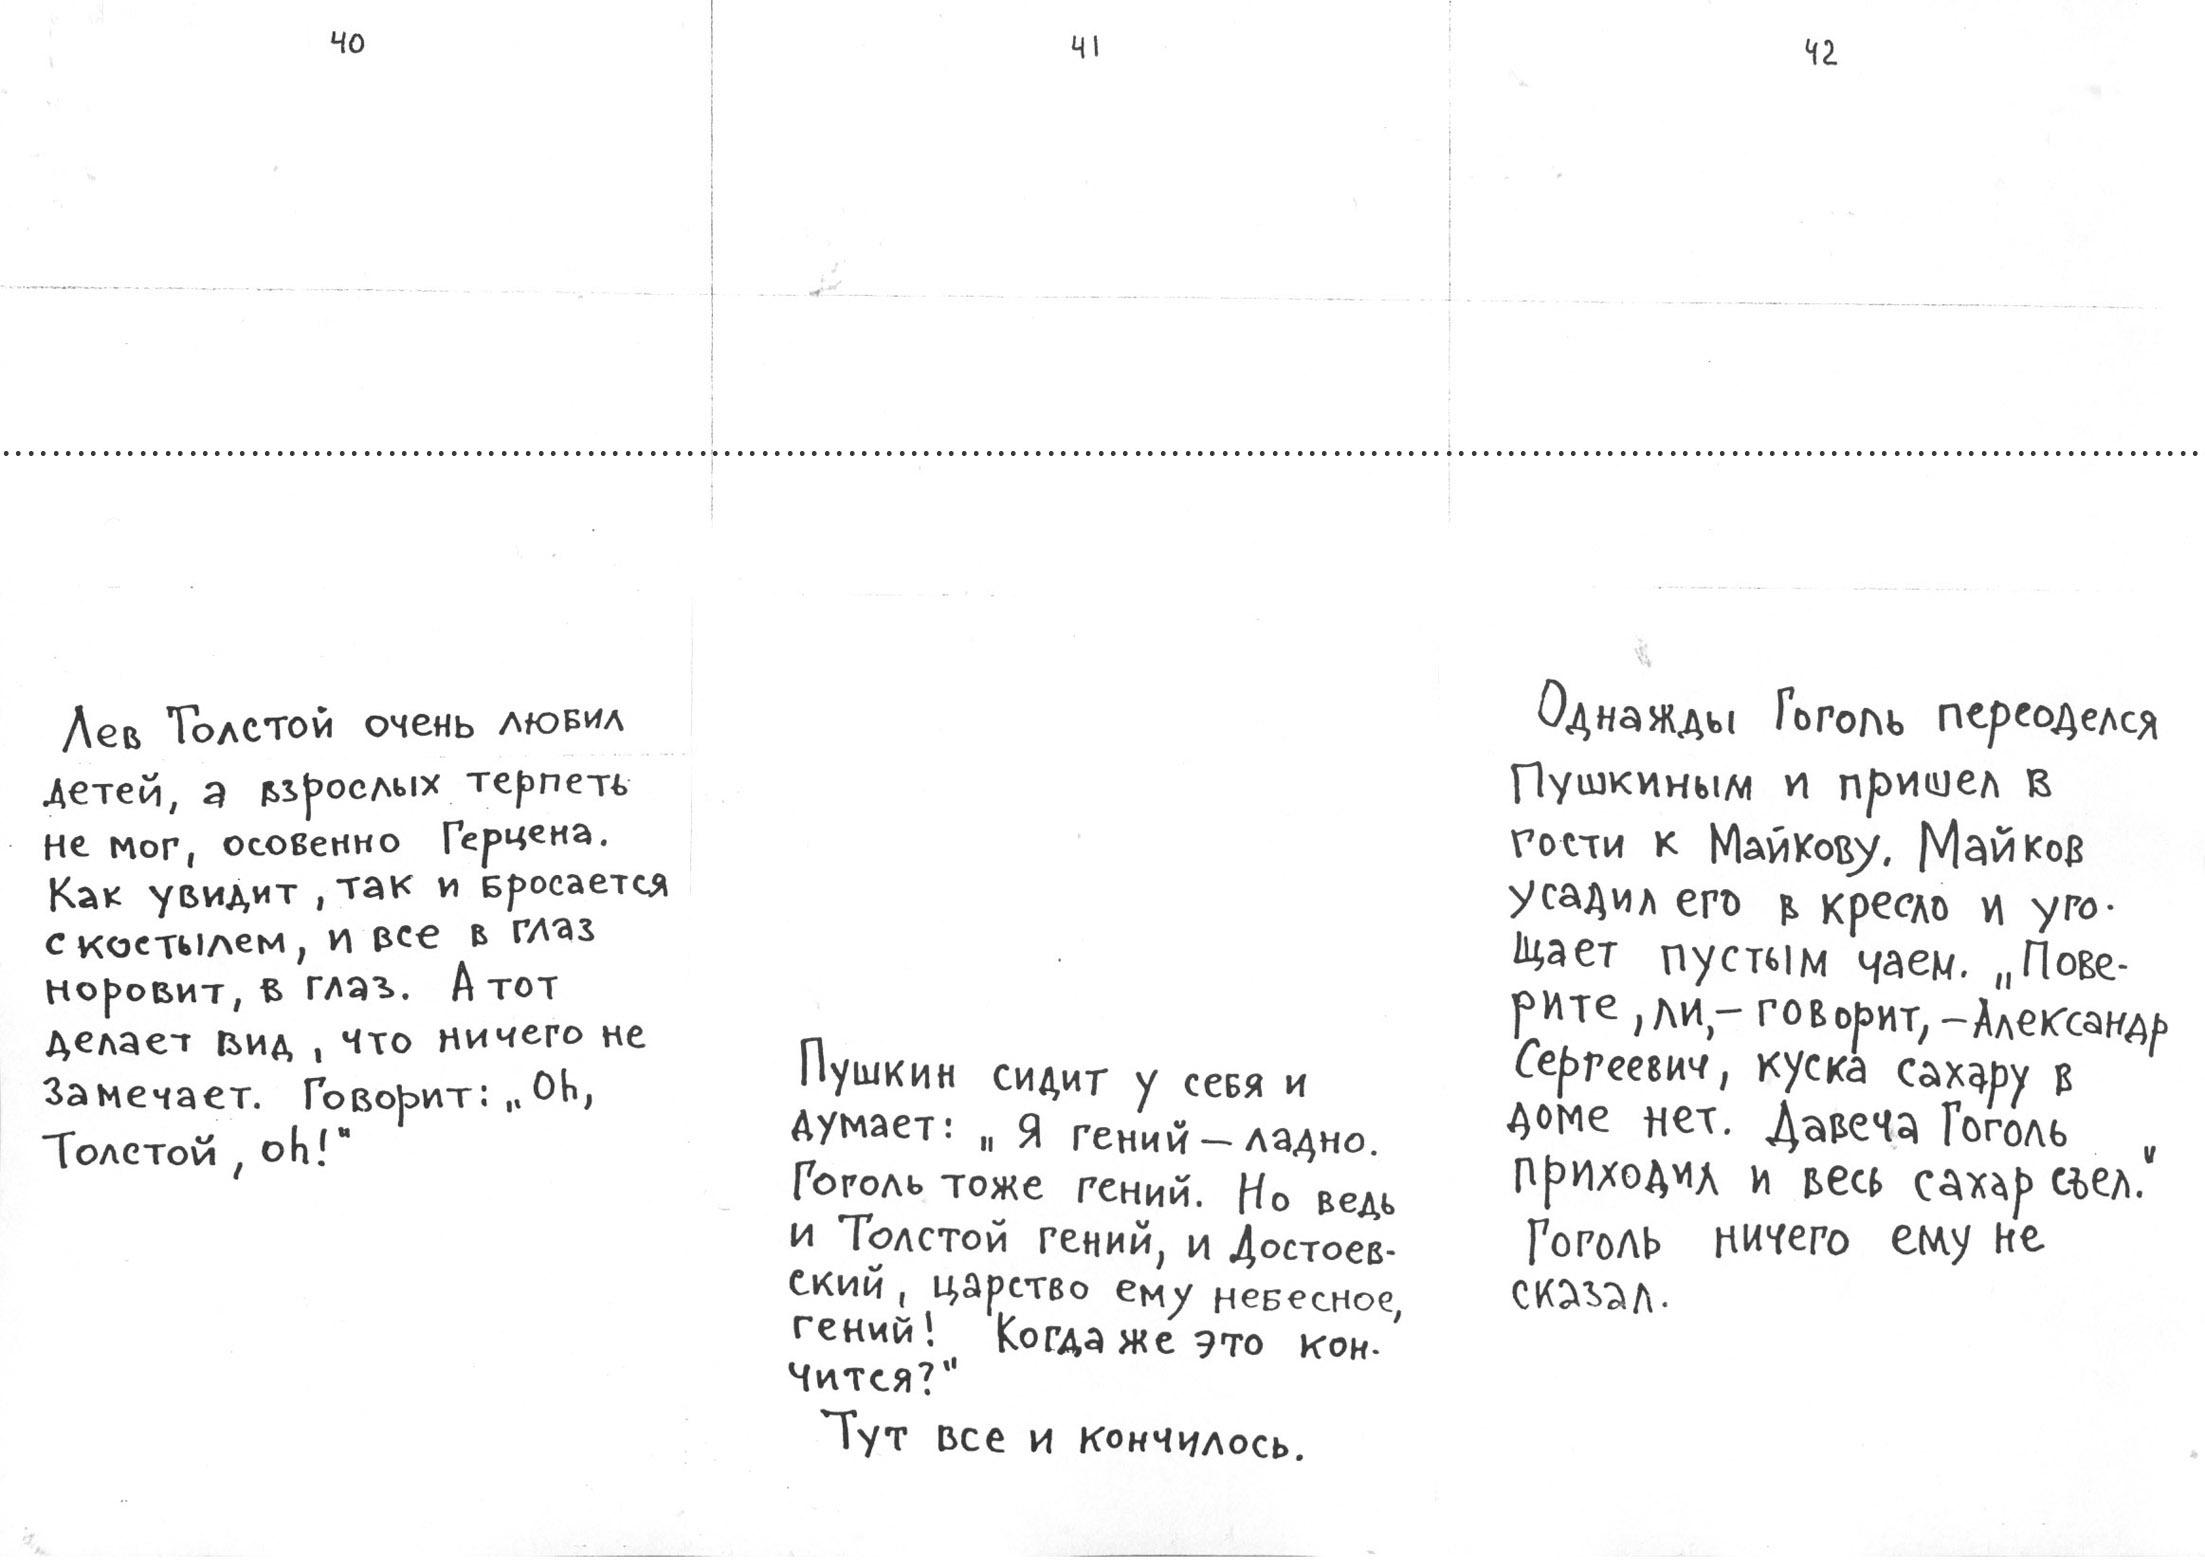 40-42.jpg